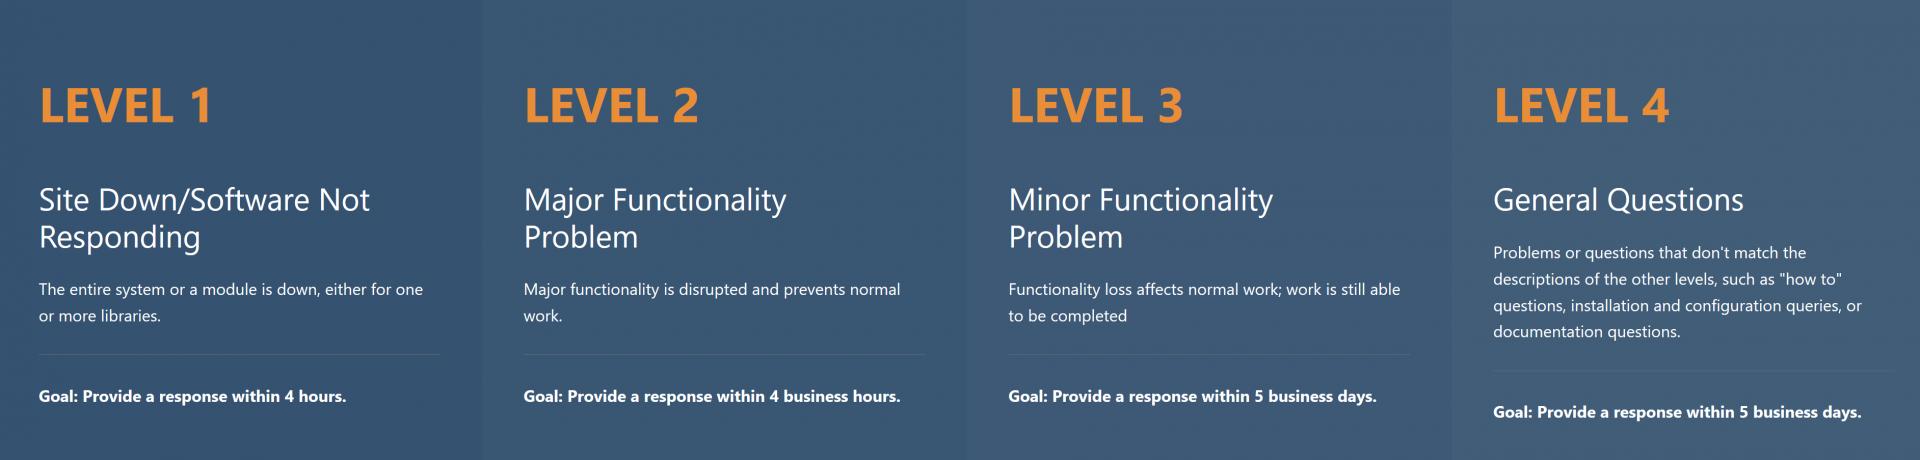 Chart of urgency levels - read descriptions below